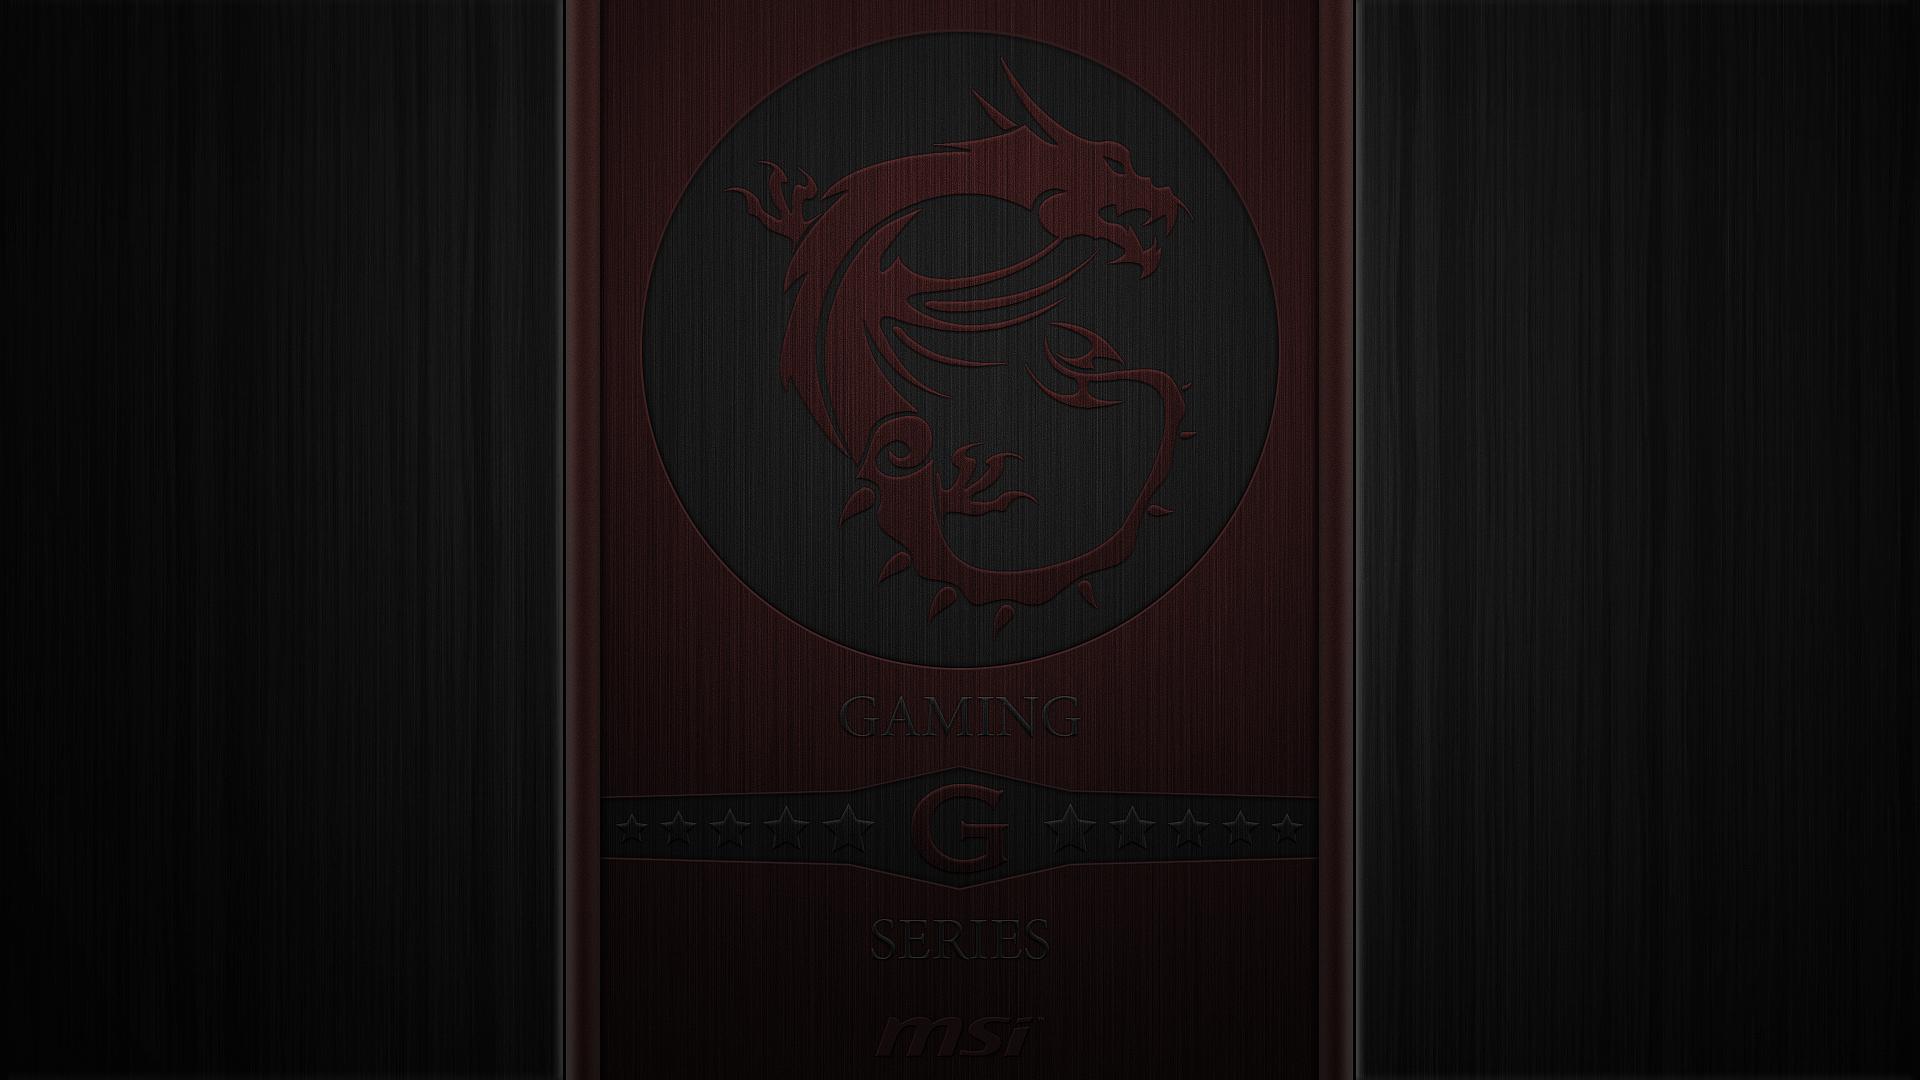 10 New Msi Gaming Series Wallpaper Full Hd 1920 1080 For: MSI Gaming Wallpaper